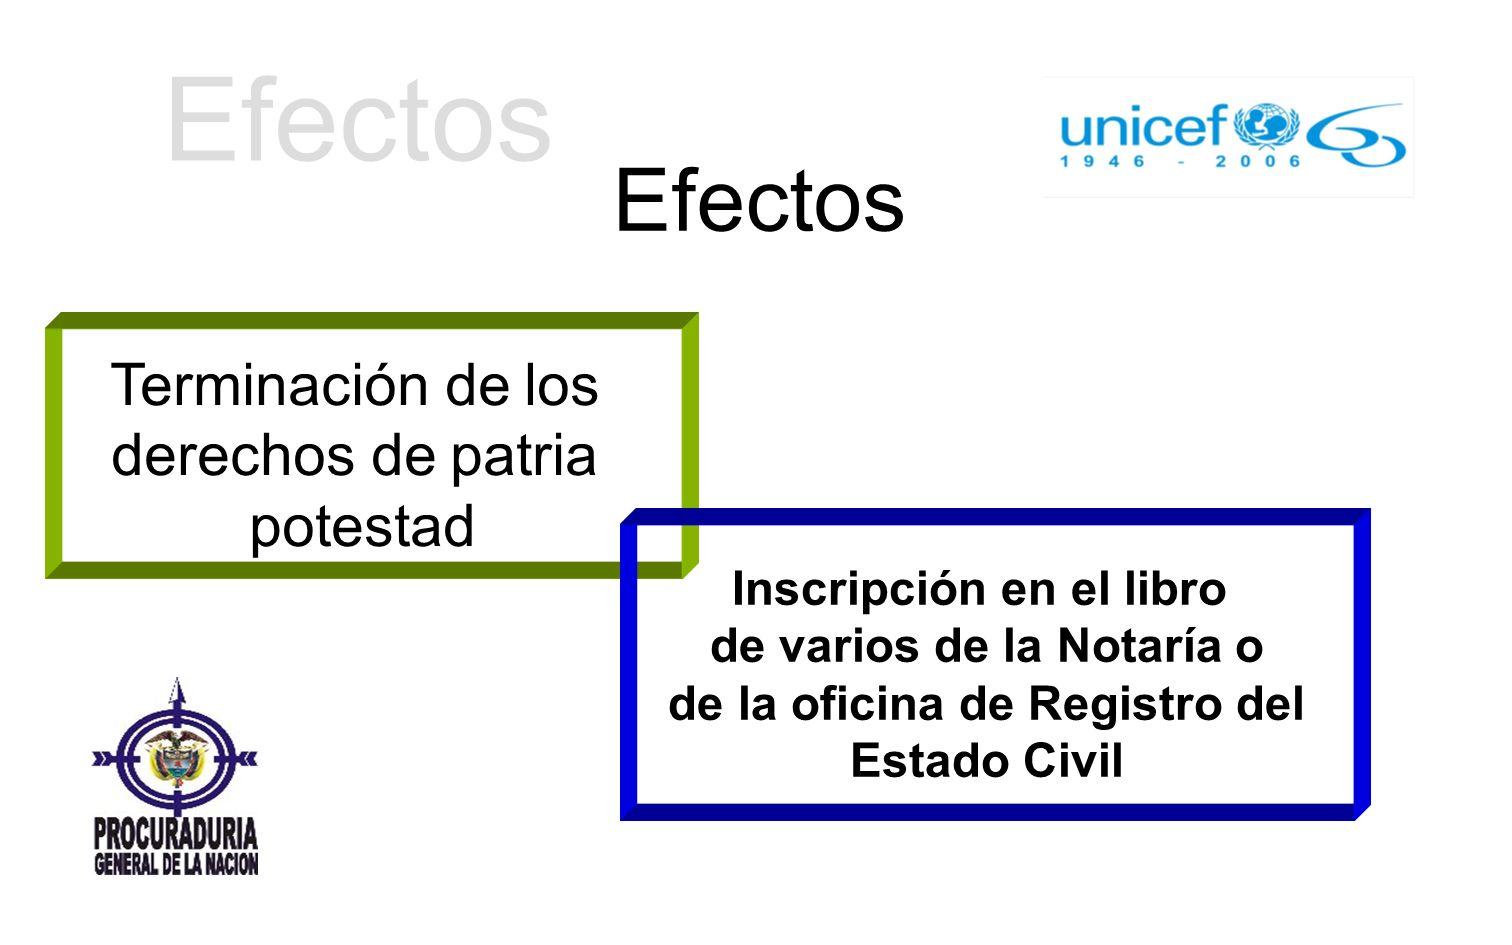 Efectos Terminación de los derechos de patria potestad Inscripción en el libro de varios de la Notaría o de la oficina de Registro del Estado Civil Efectos